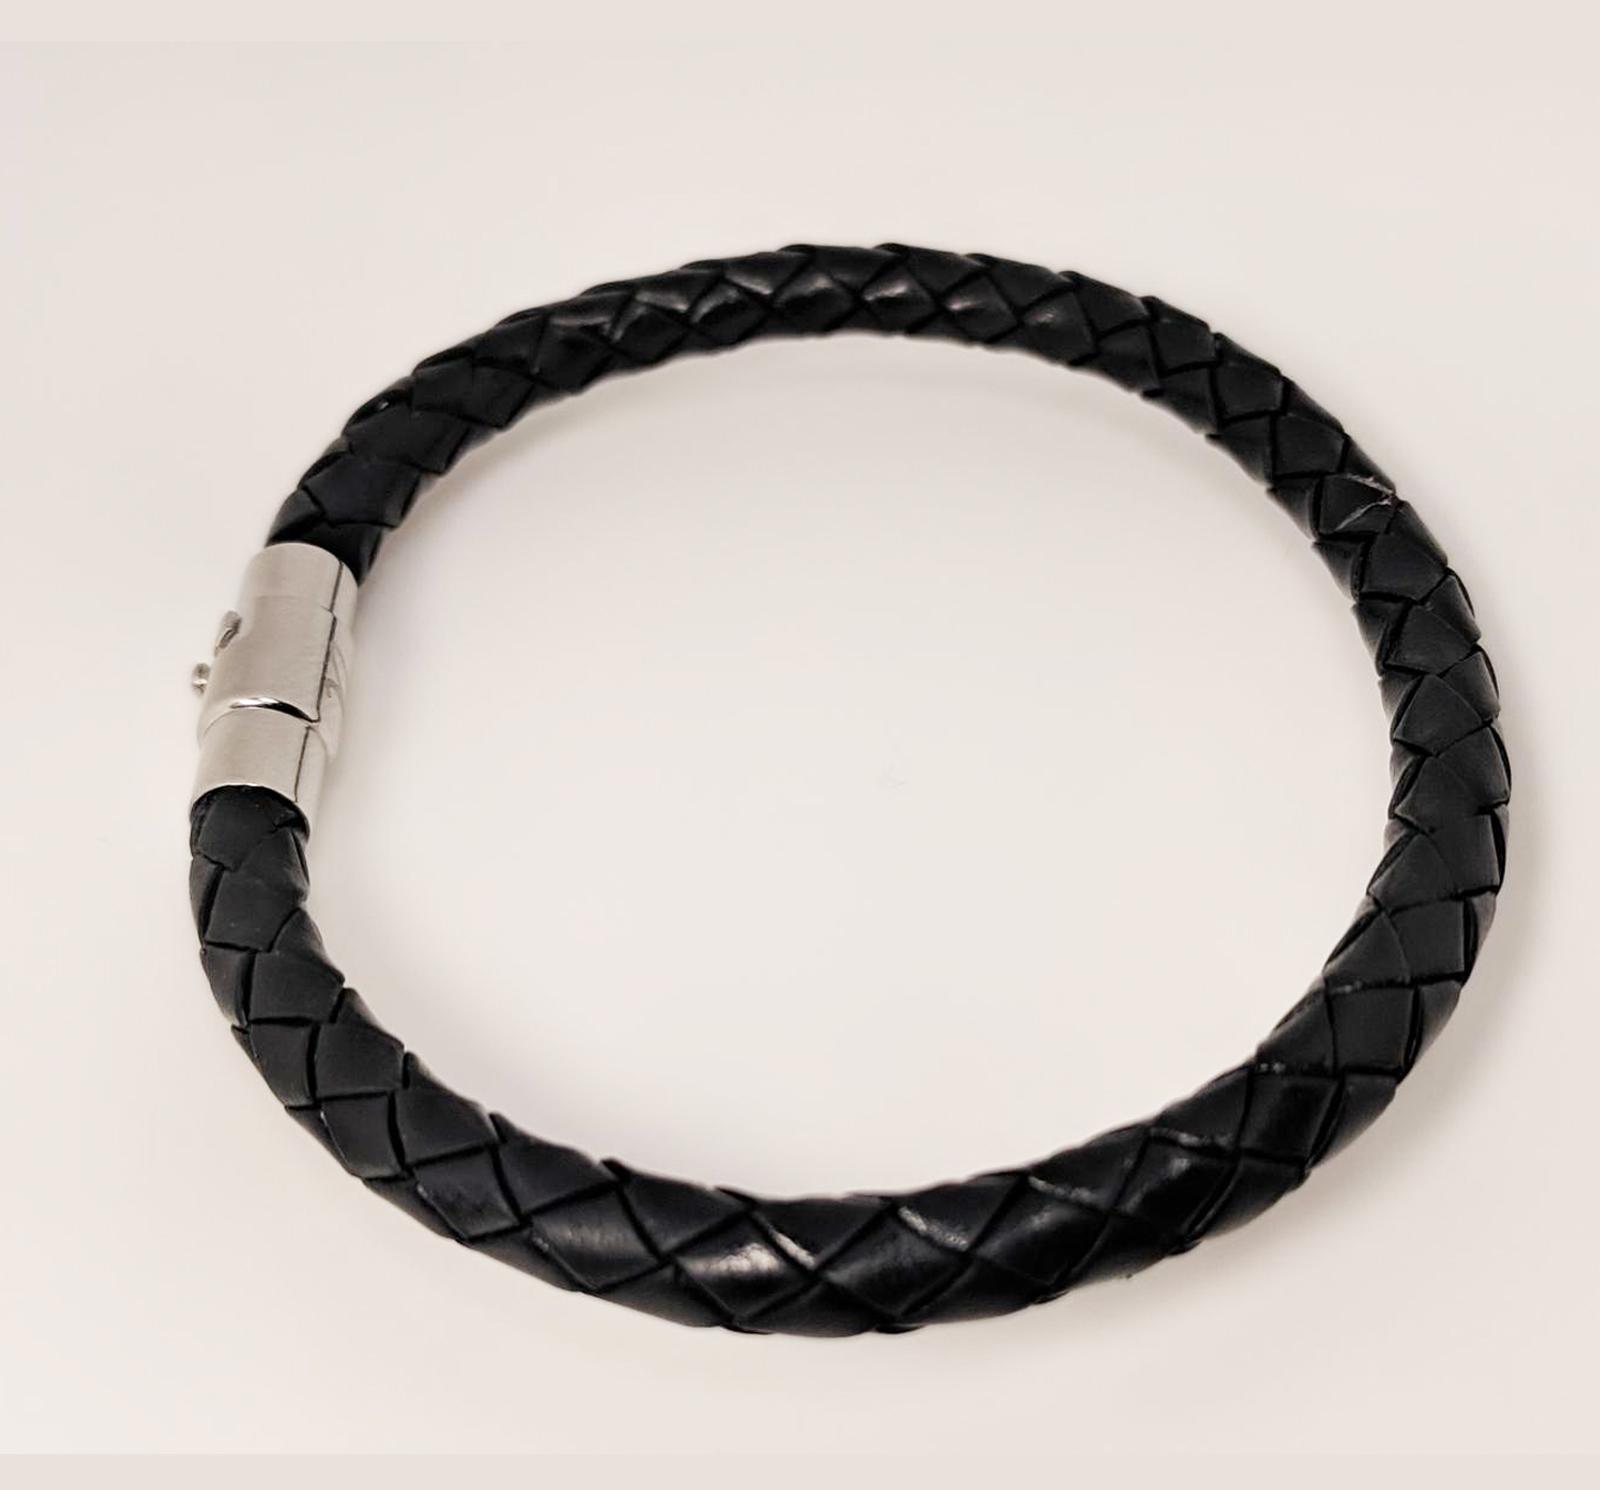 ¡Regala una pulsera elegante de cuero para el día del padre!